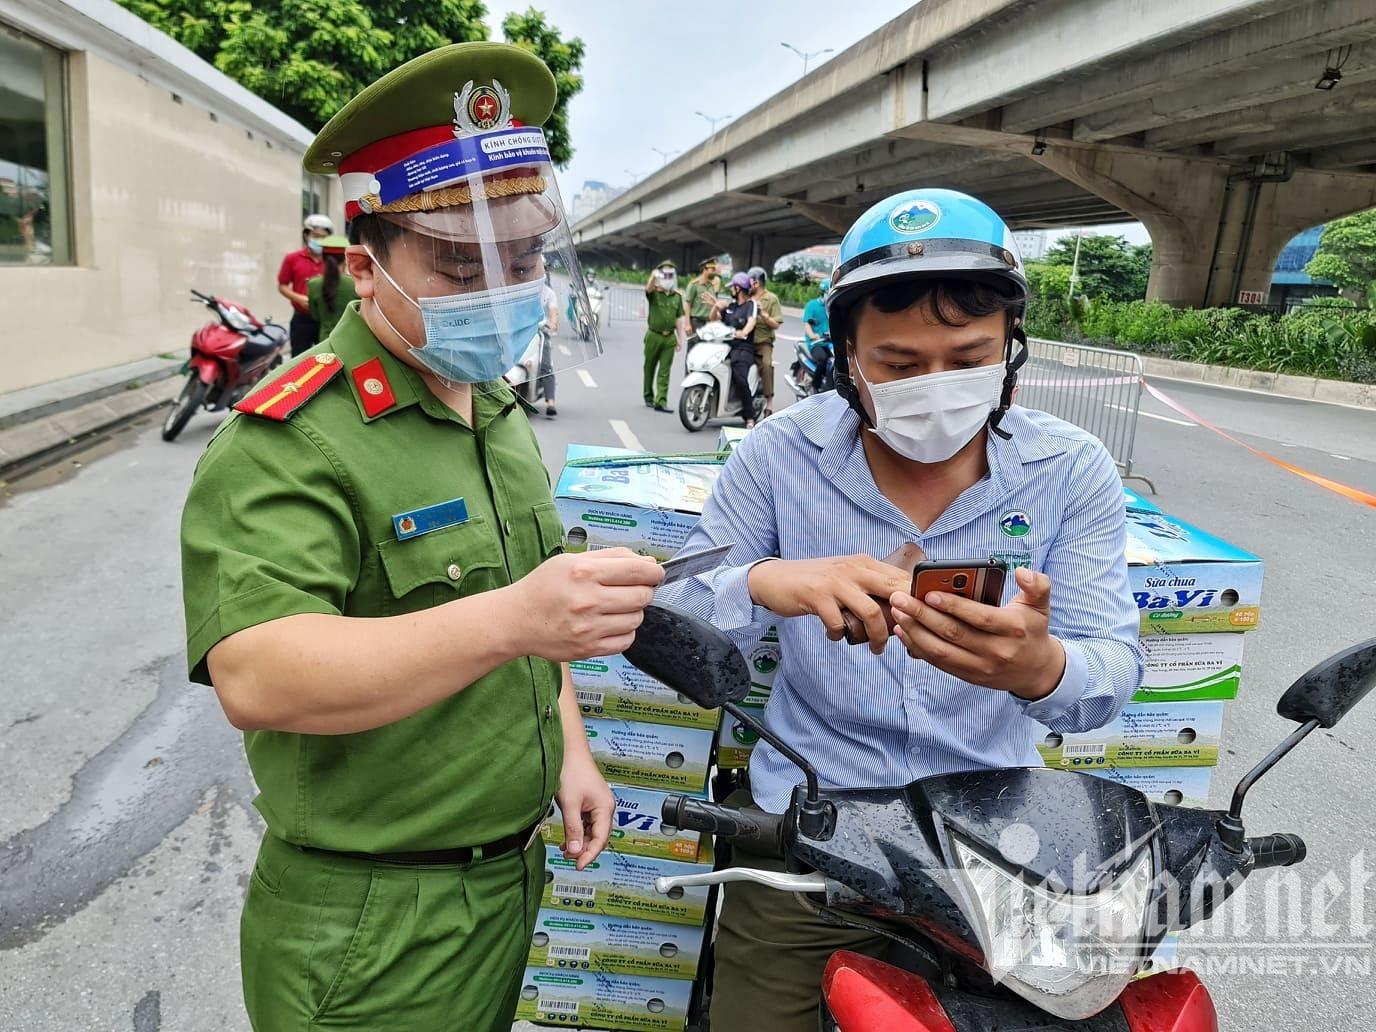 Hình ảnh Hà Nội ngày đầu kiểm tra giấy đi đường mẫu cũ và mới